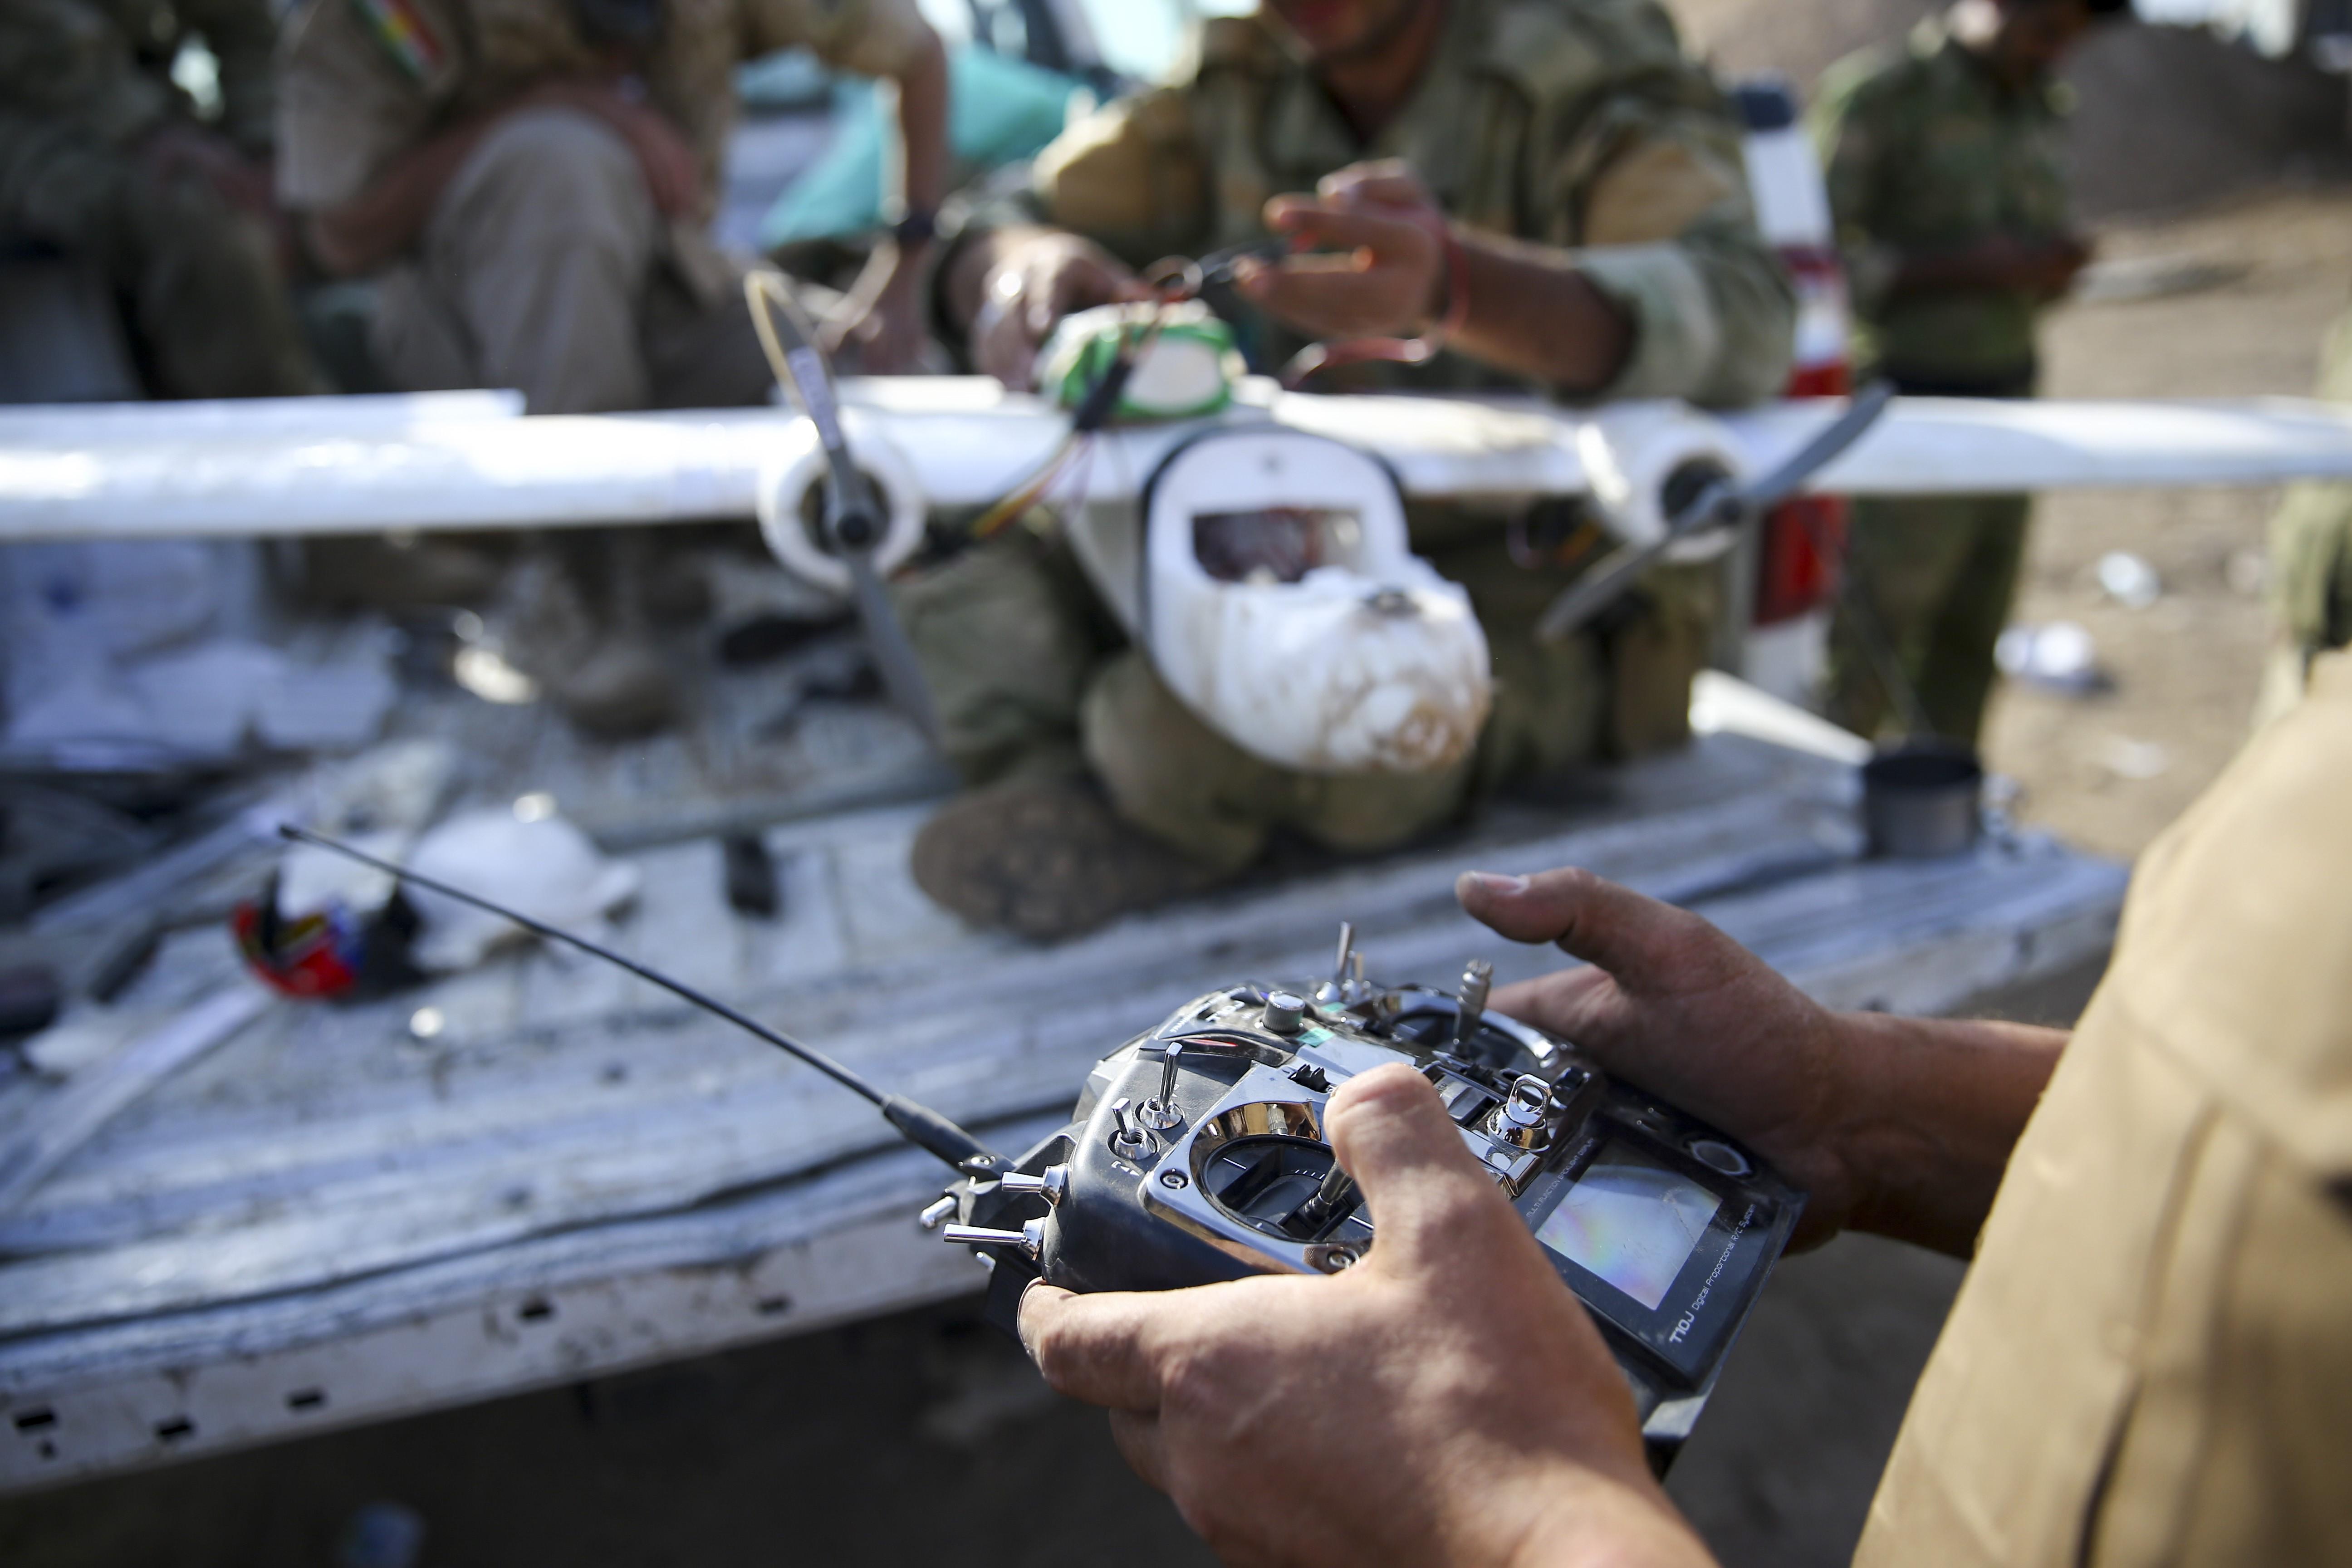 Kiskereskedelmi forgalomban kapható drónokból gyárt gyilkos gépeket az ISIS